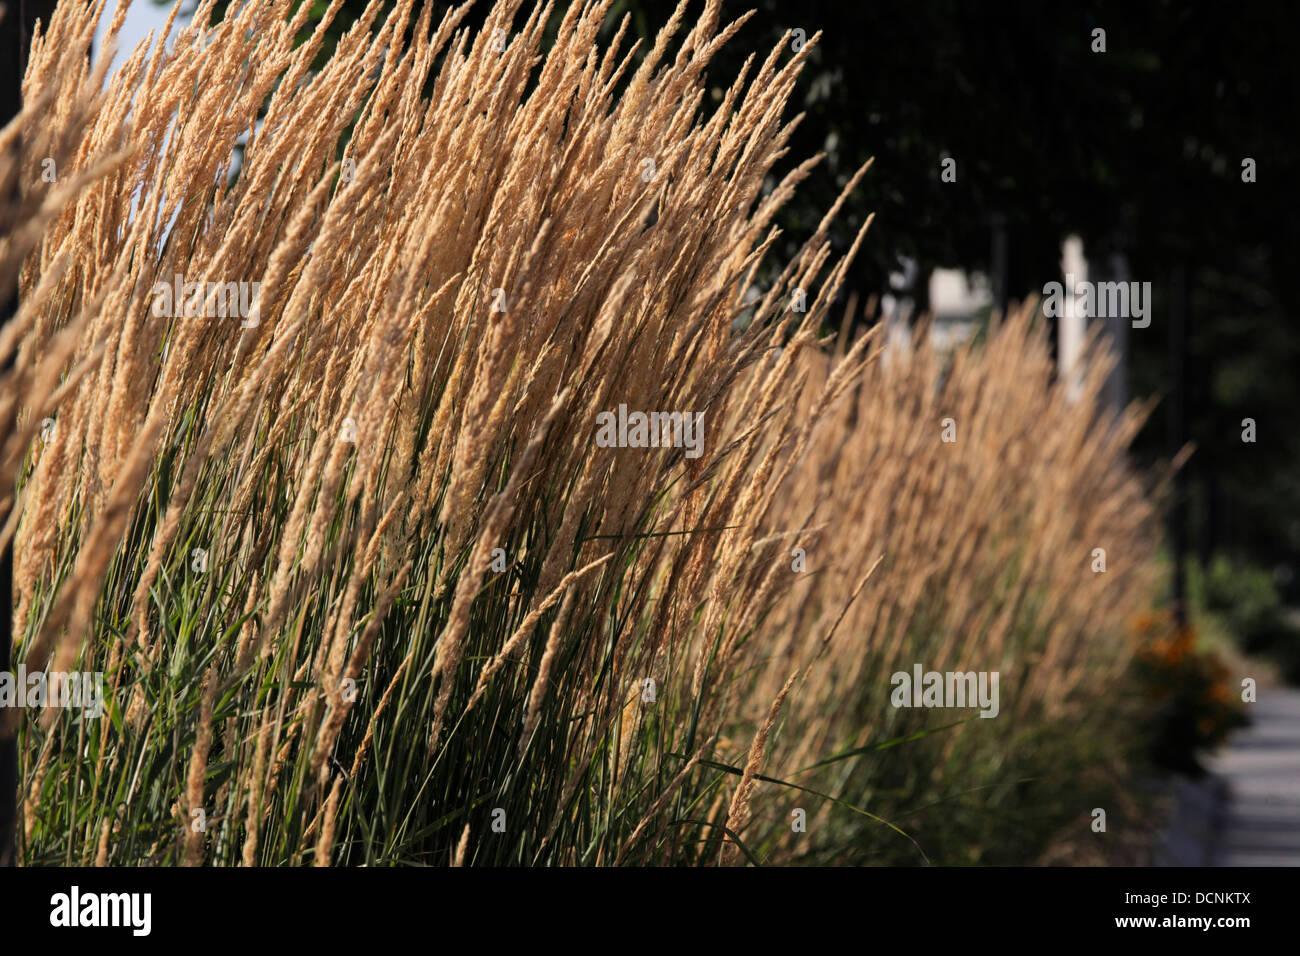 Tall Ornamental Grass Tall dry ornamental grass stock photo 59483562 alamy tall dry ornamental grass workwithnaturefo